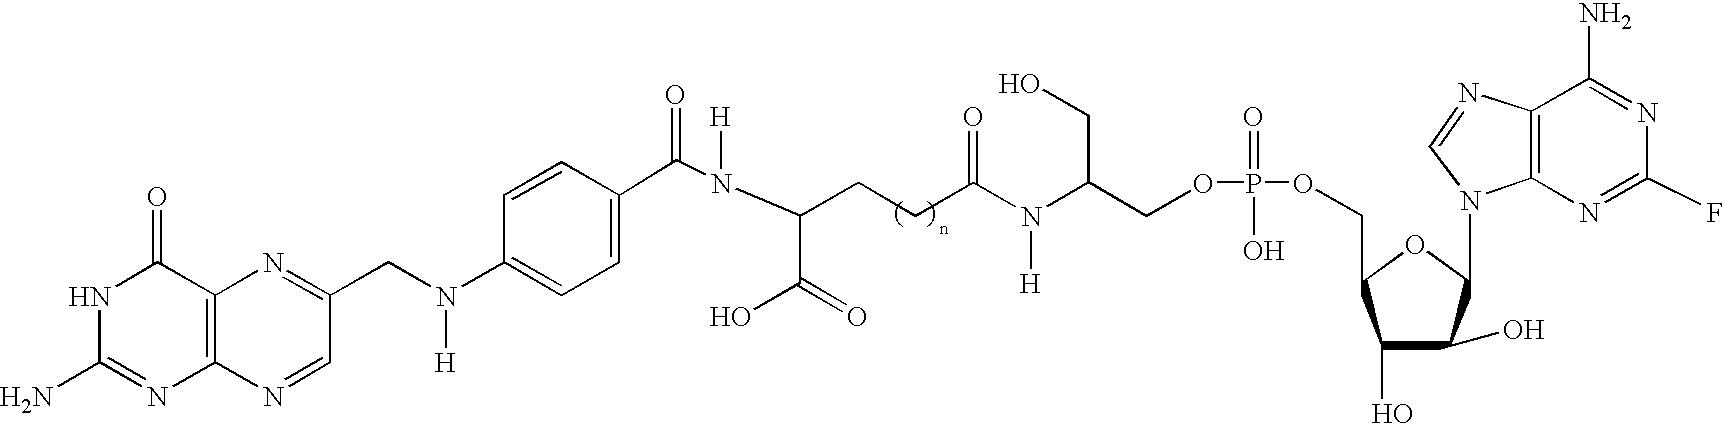 Figure US20030104985A1-20030605-C00076